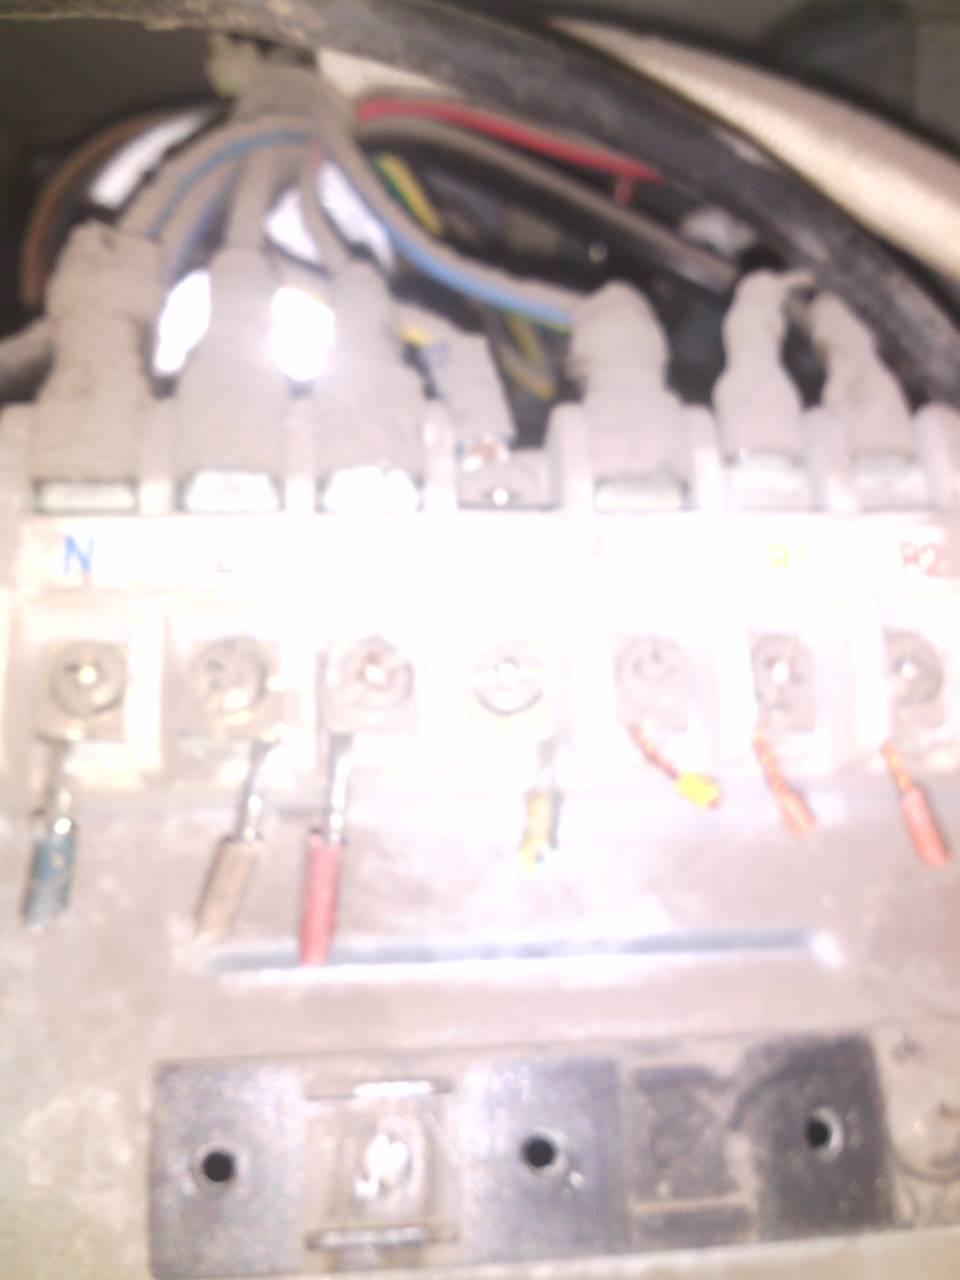 评论|  2014-05-05 22:19 联创家电9|四级 压机,风扇,四通阀,地线.图片